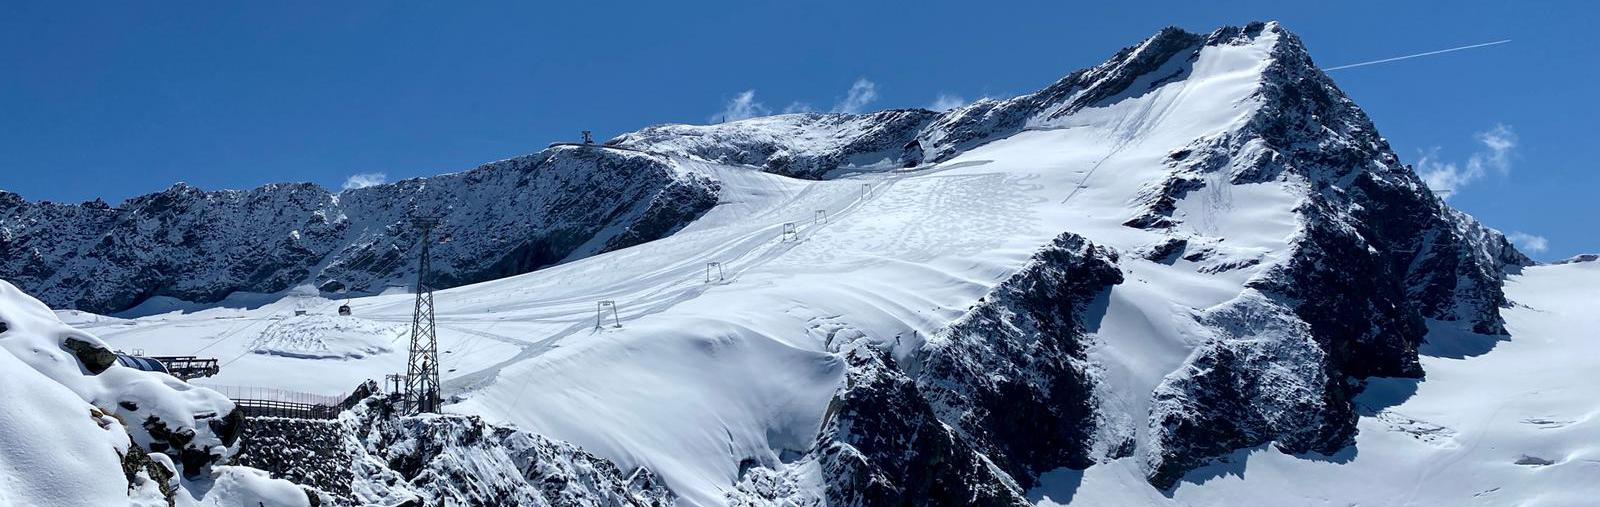 Gletscherskigebiet Sölden, Skifahren im September